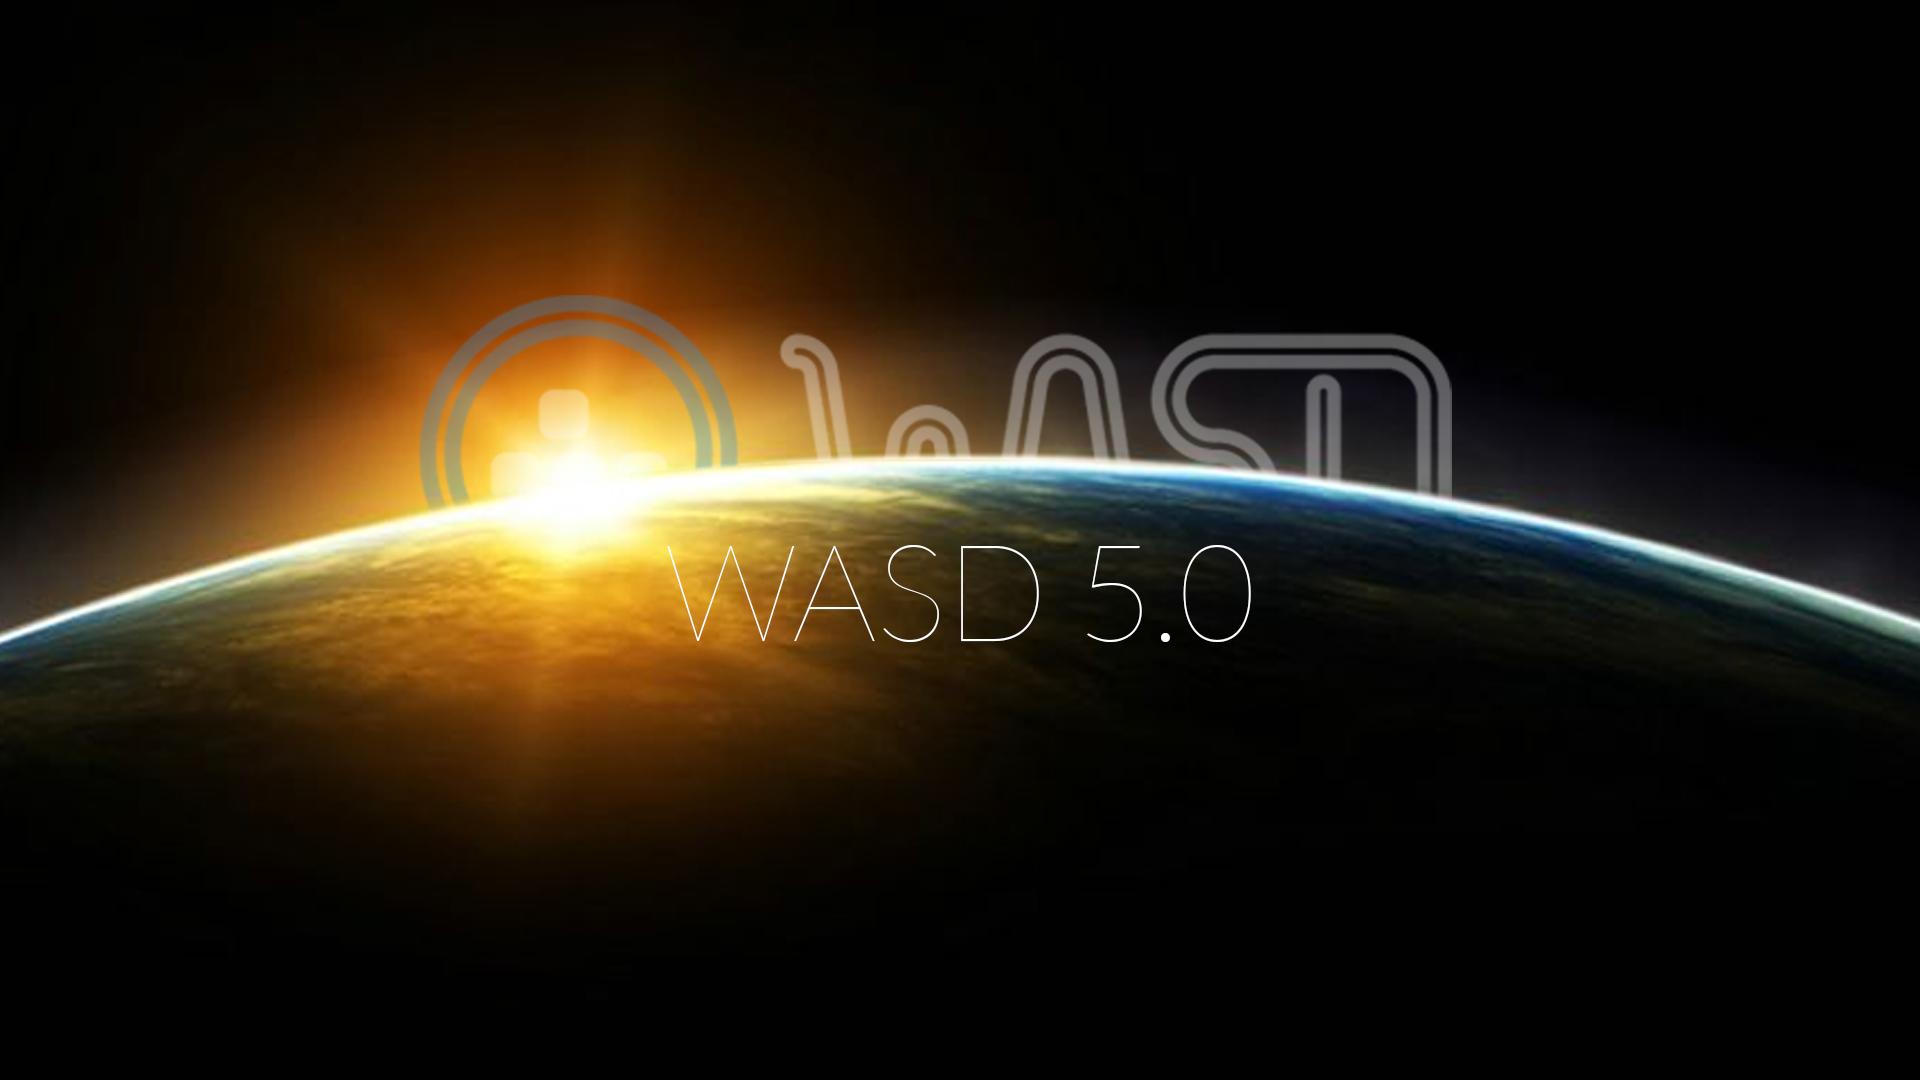 Bem vindos ao WASD 2016